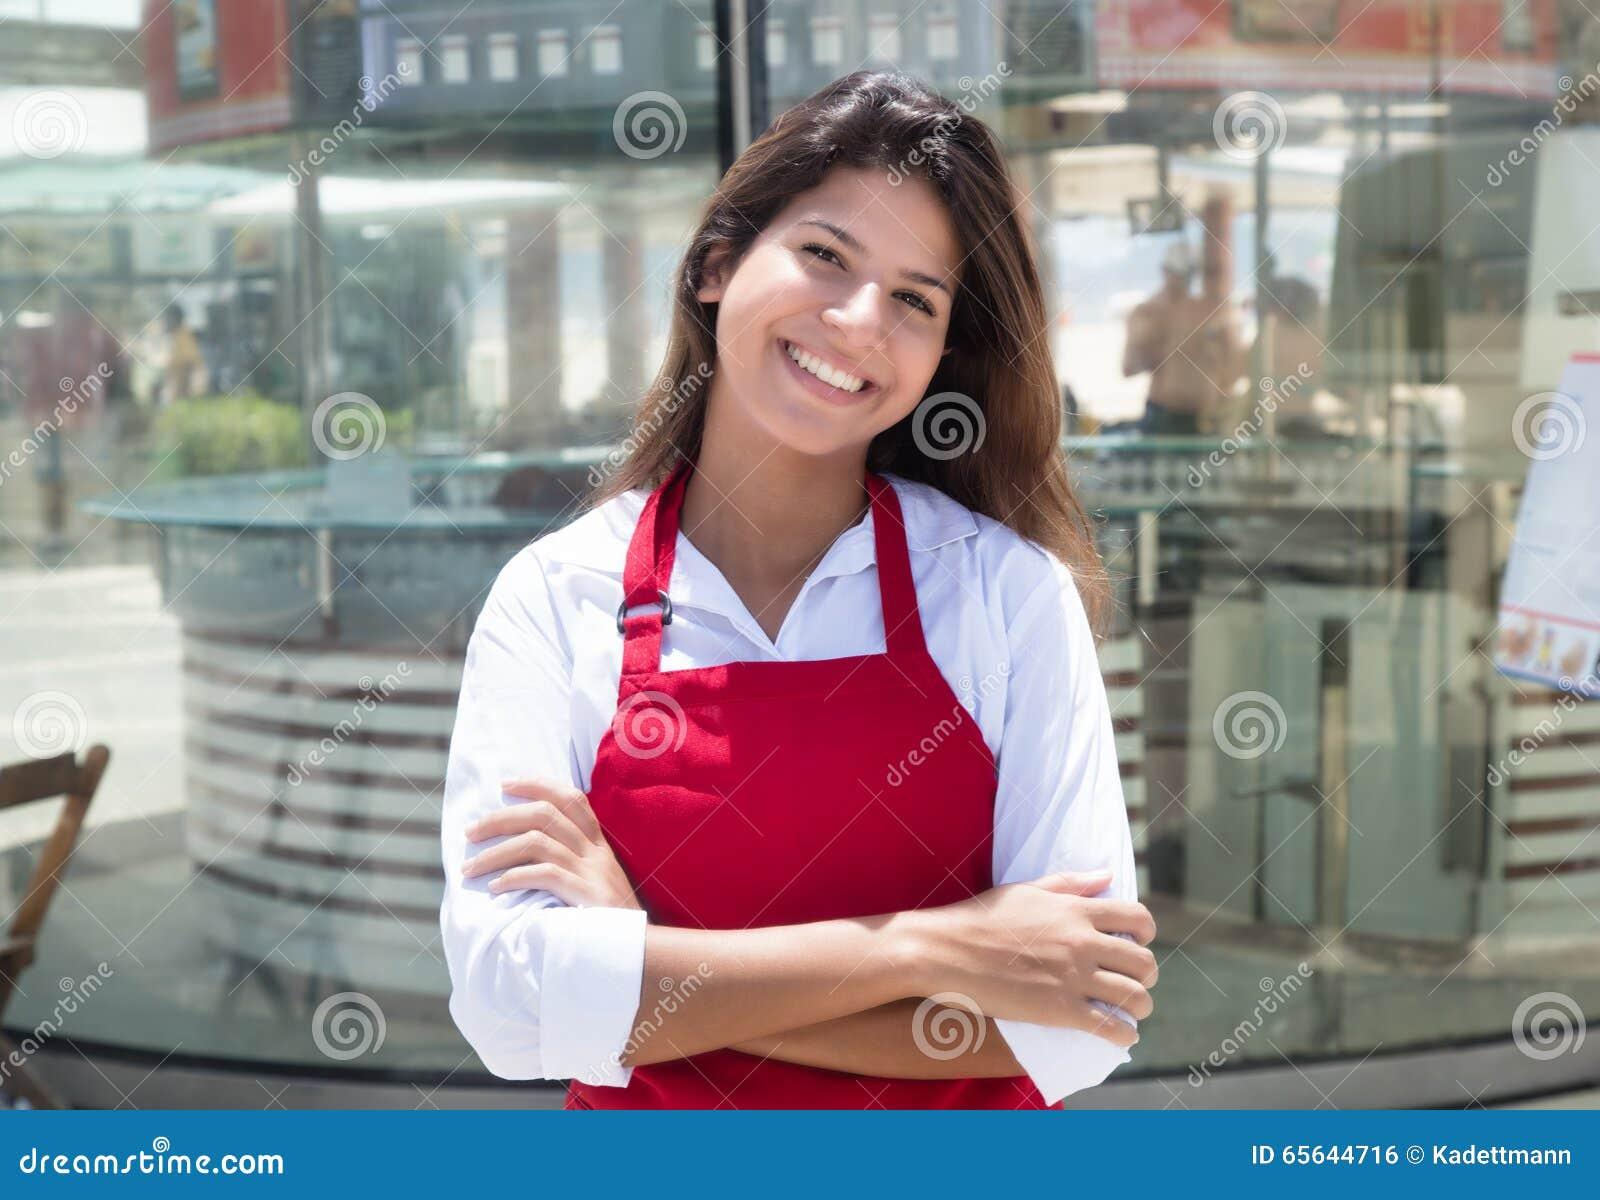 Serveuse caucasienne riante devant le restaurant